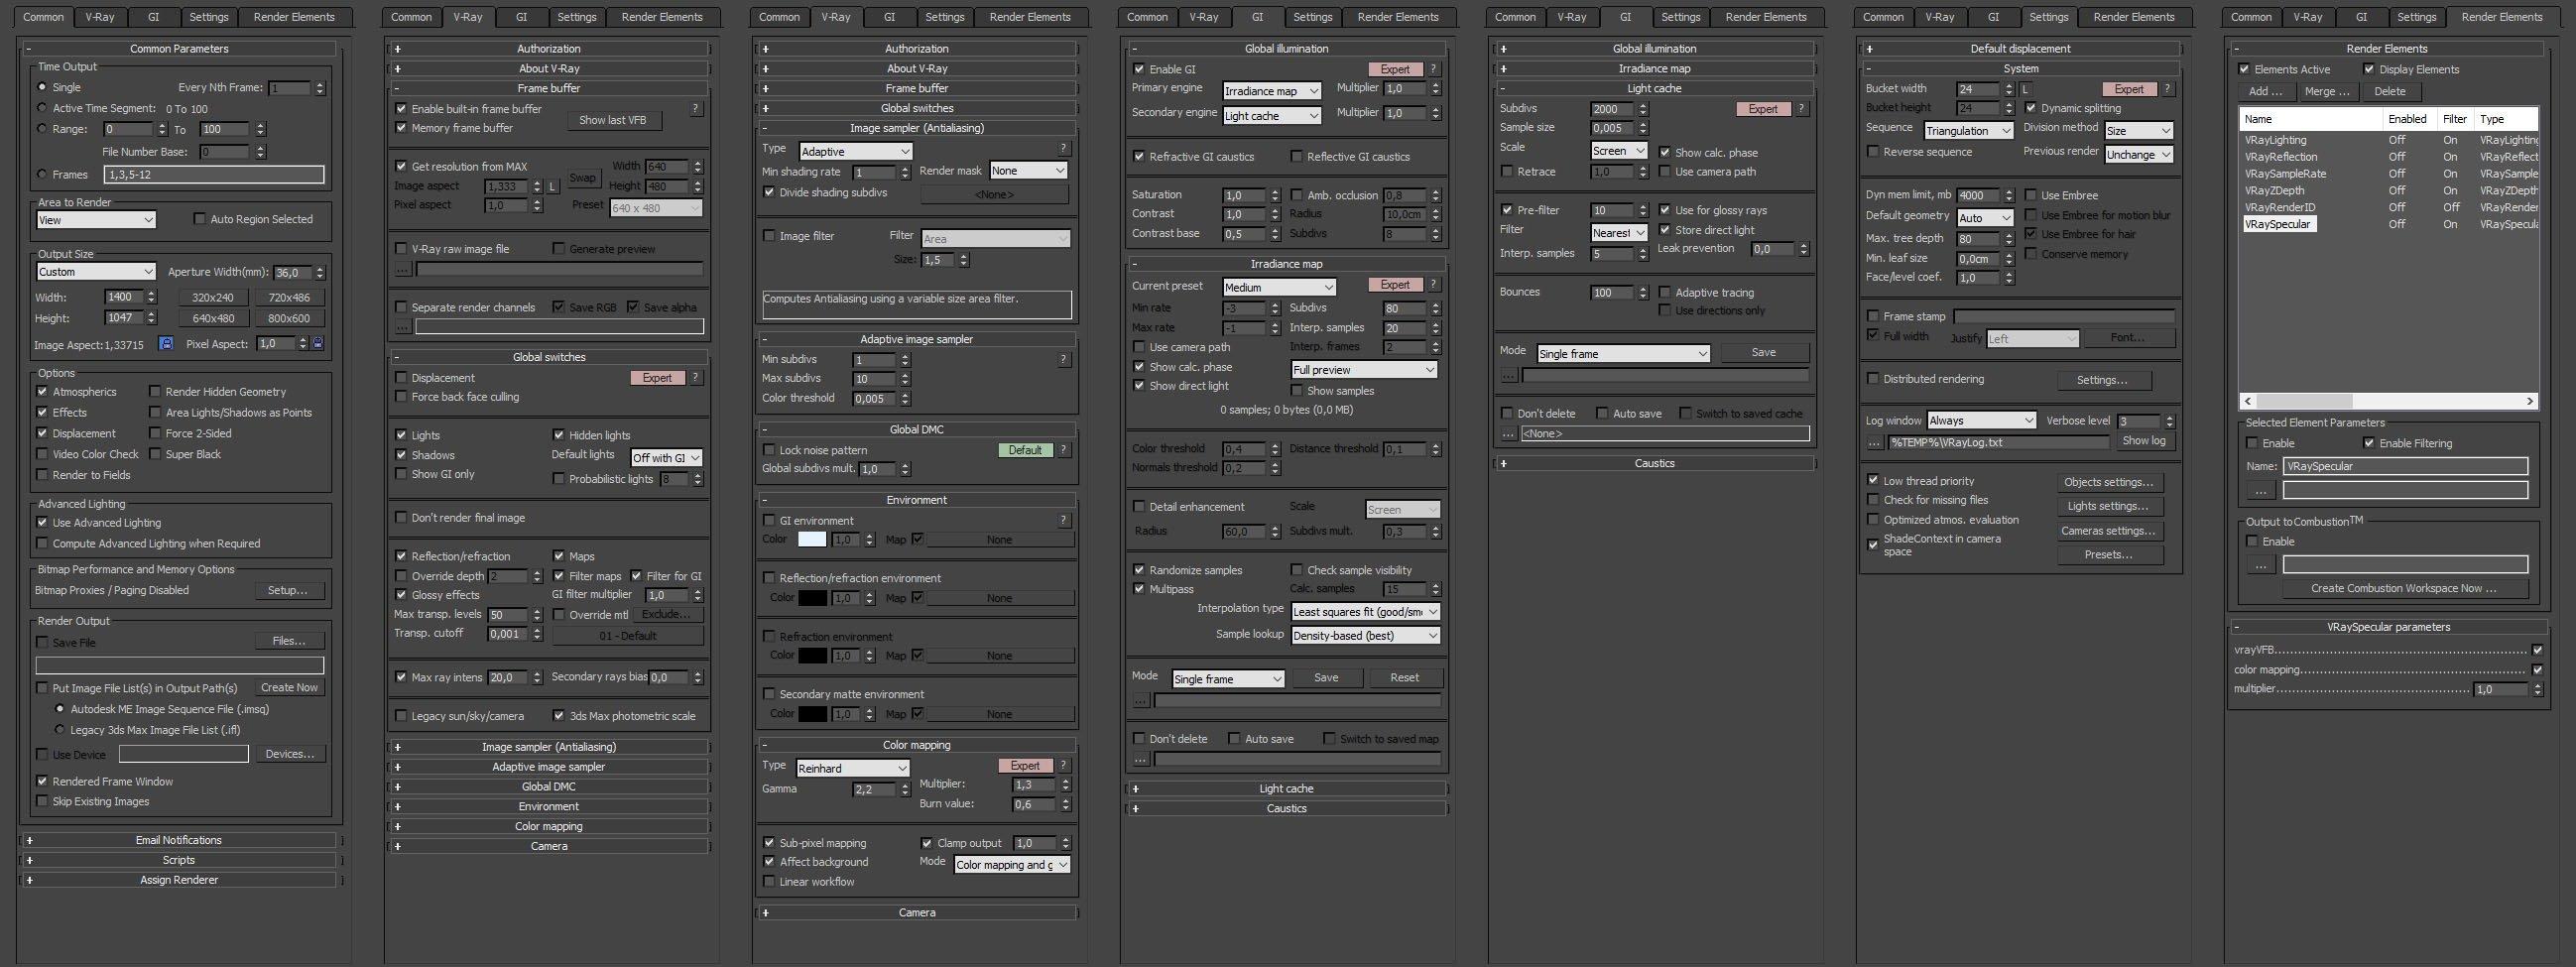 render_settings_evermotion_4.jpg